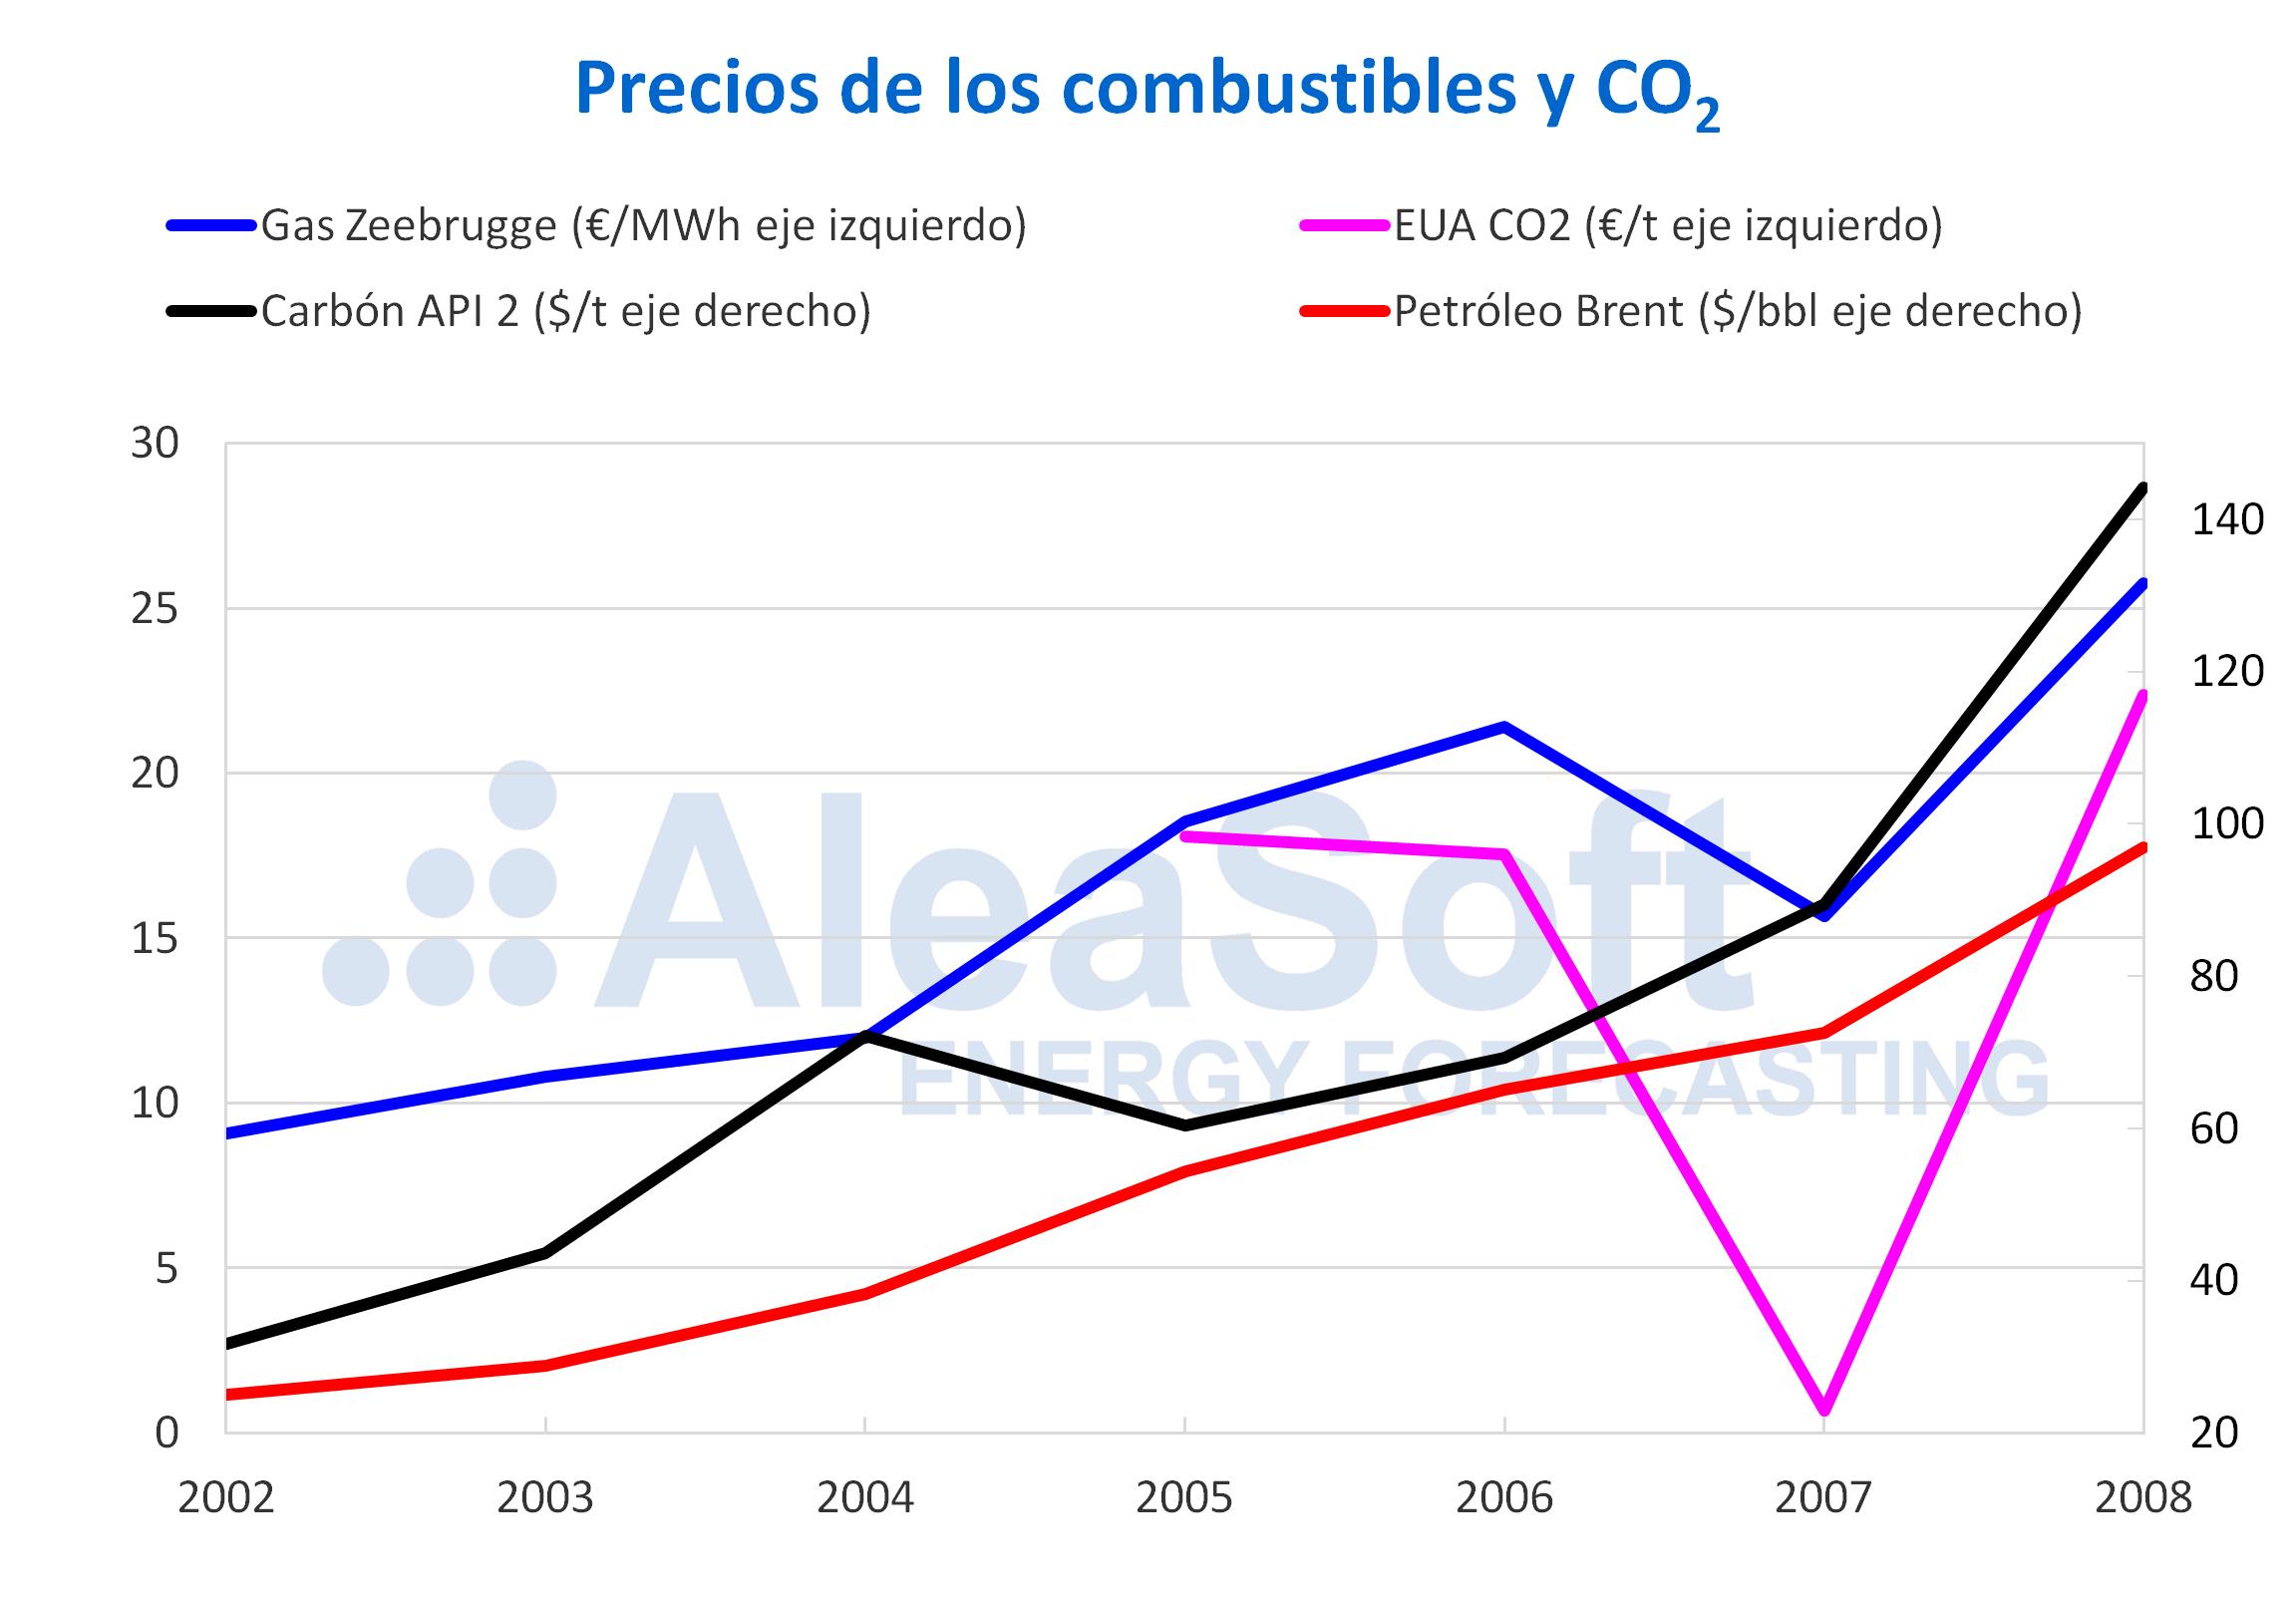 AleaSoft - Precio de combustibles y CO2